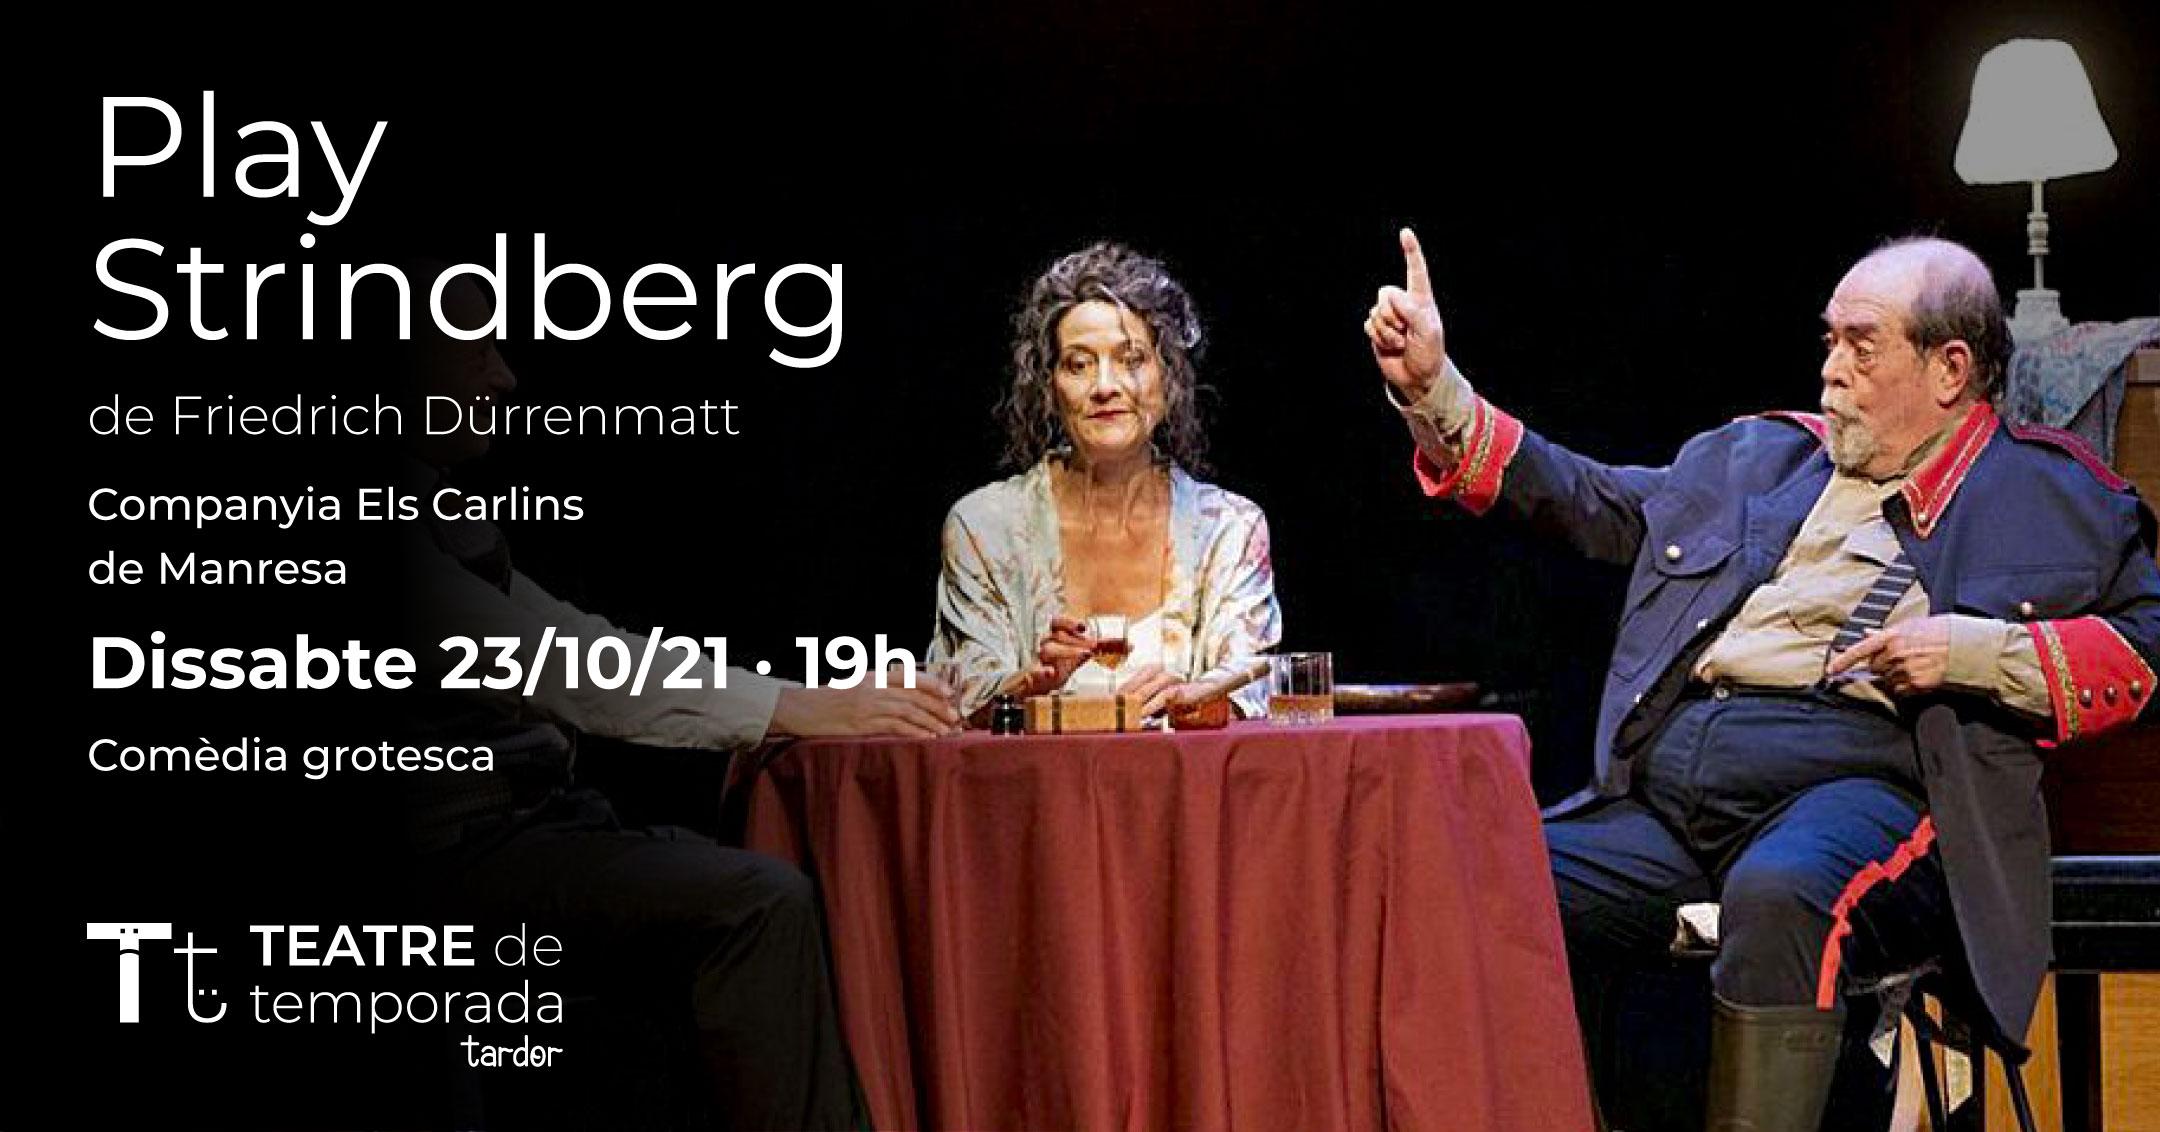 TEATRE de temporada - Play Strindberg